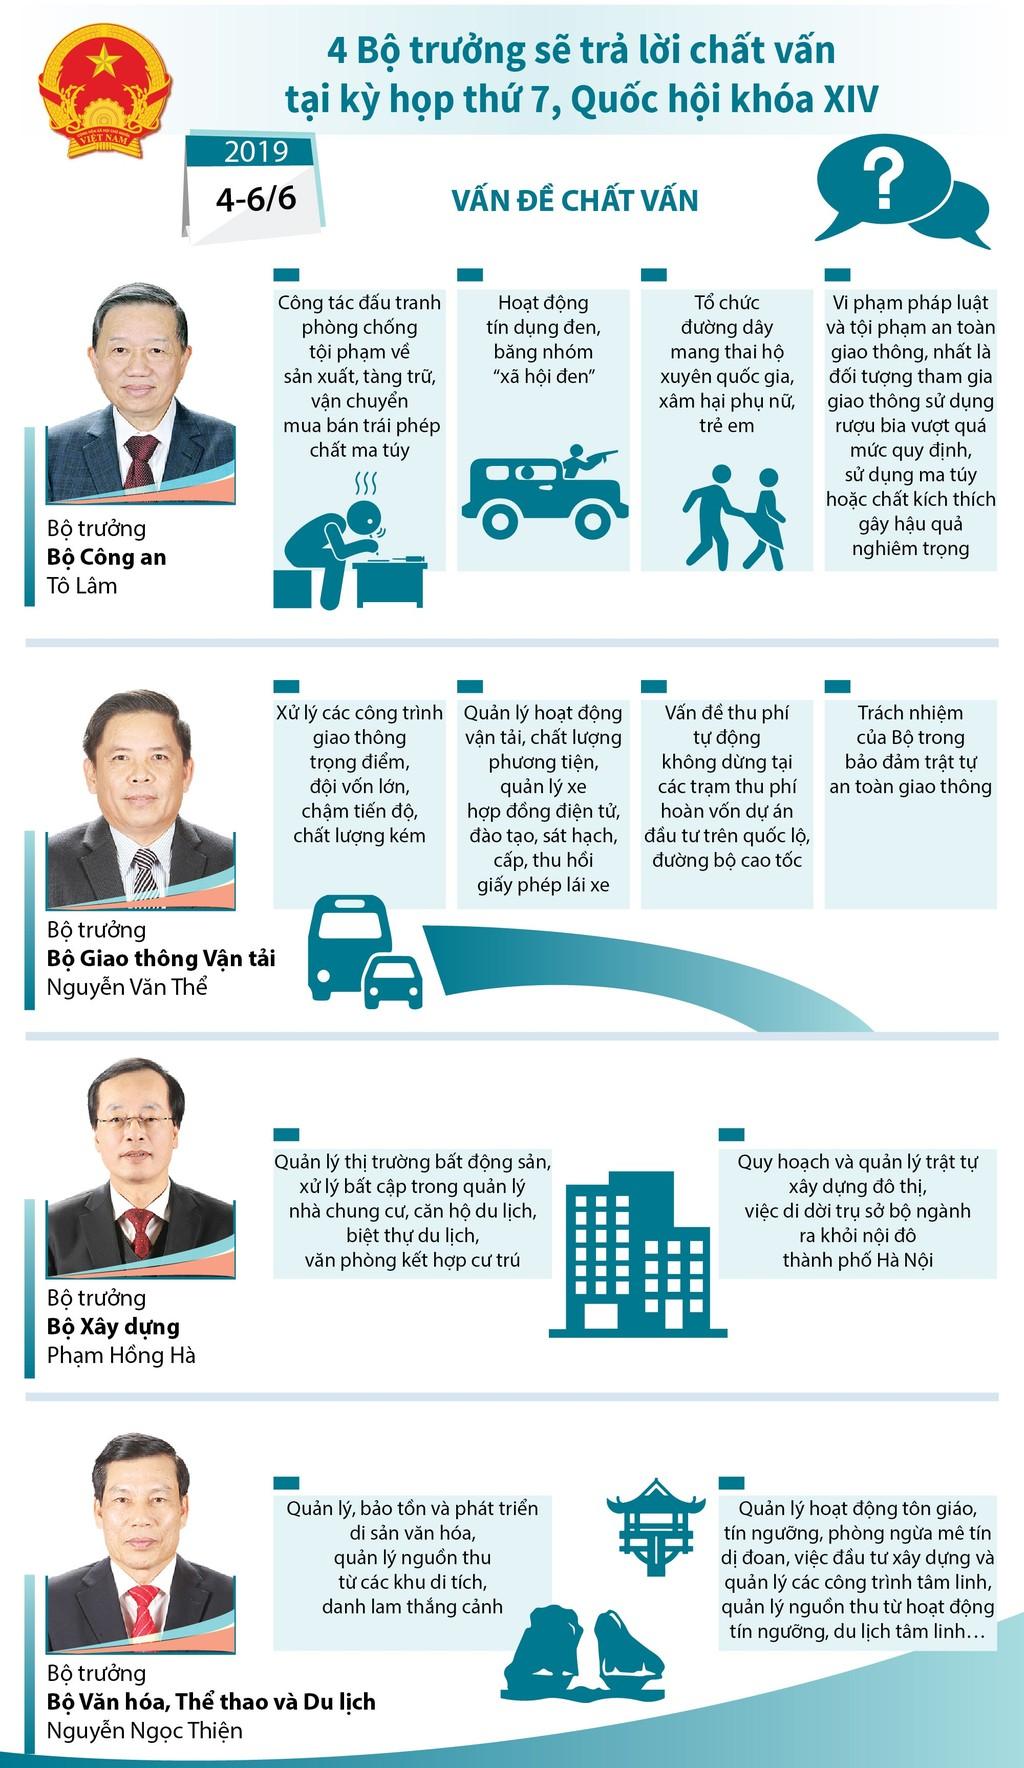 Quốc hội tiếp tục chất vấn Bộ trưởng Bộ Xây dựng Phạm Hồng Hà - ảnh 7